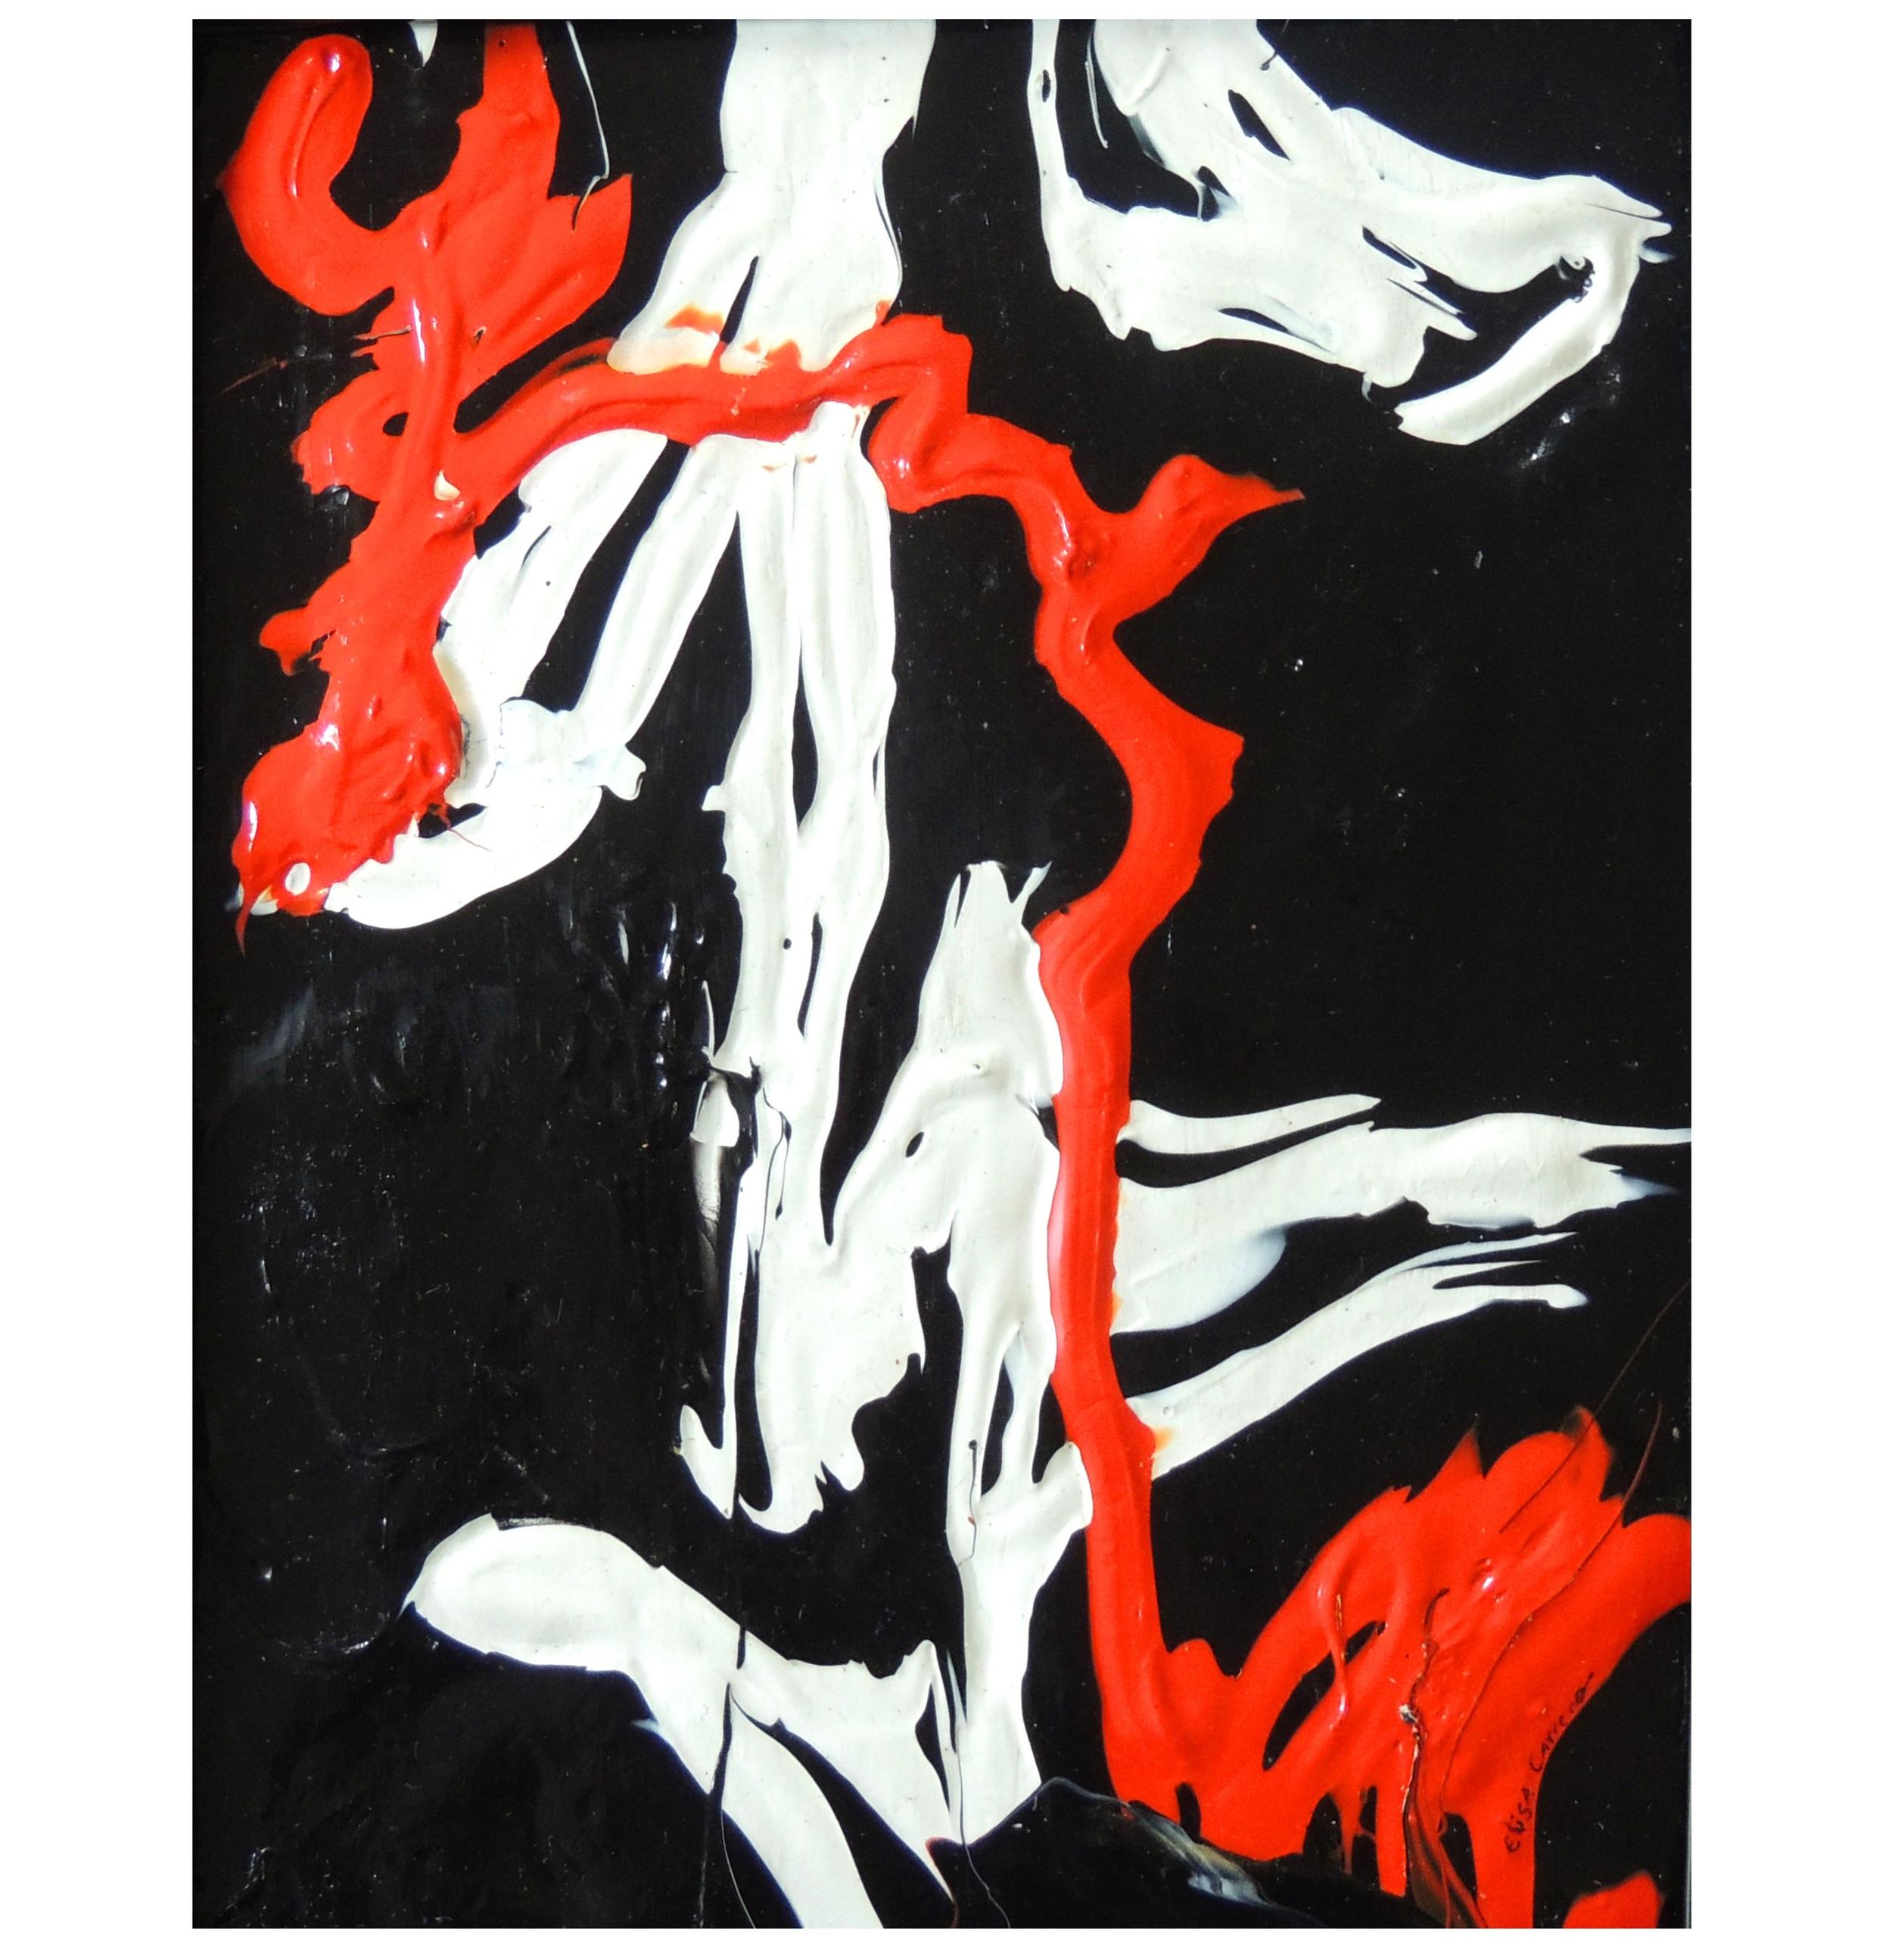 Rojo-   Acrylic on cardboard,  12 x 9 inch,  2012.